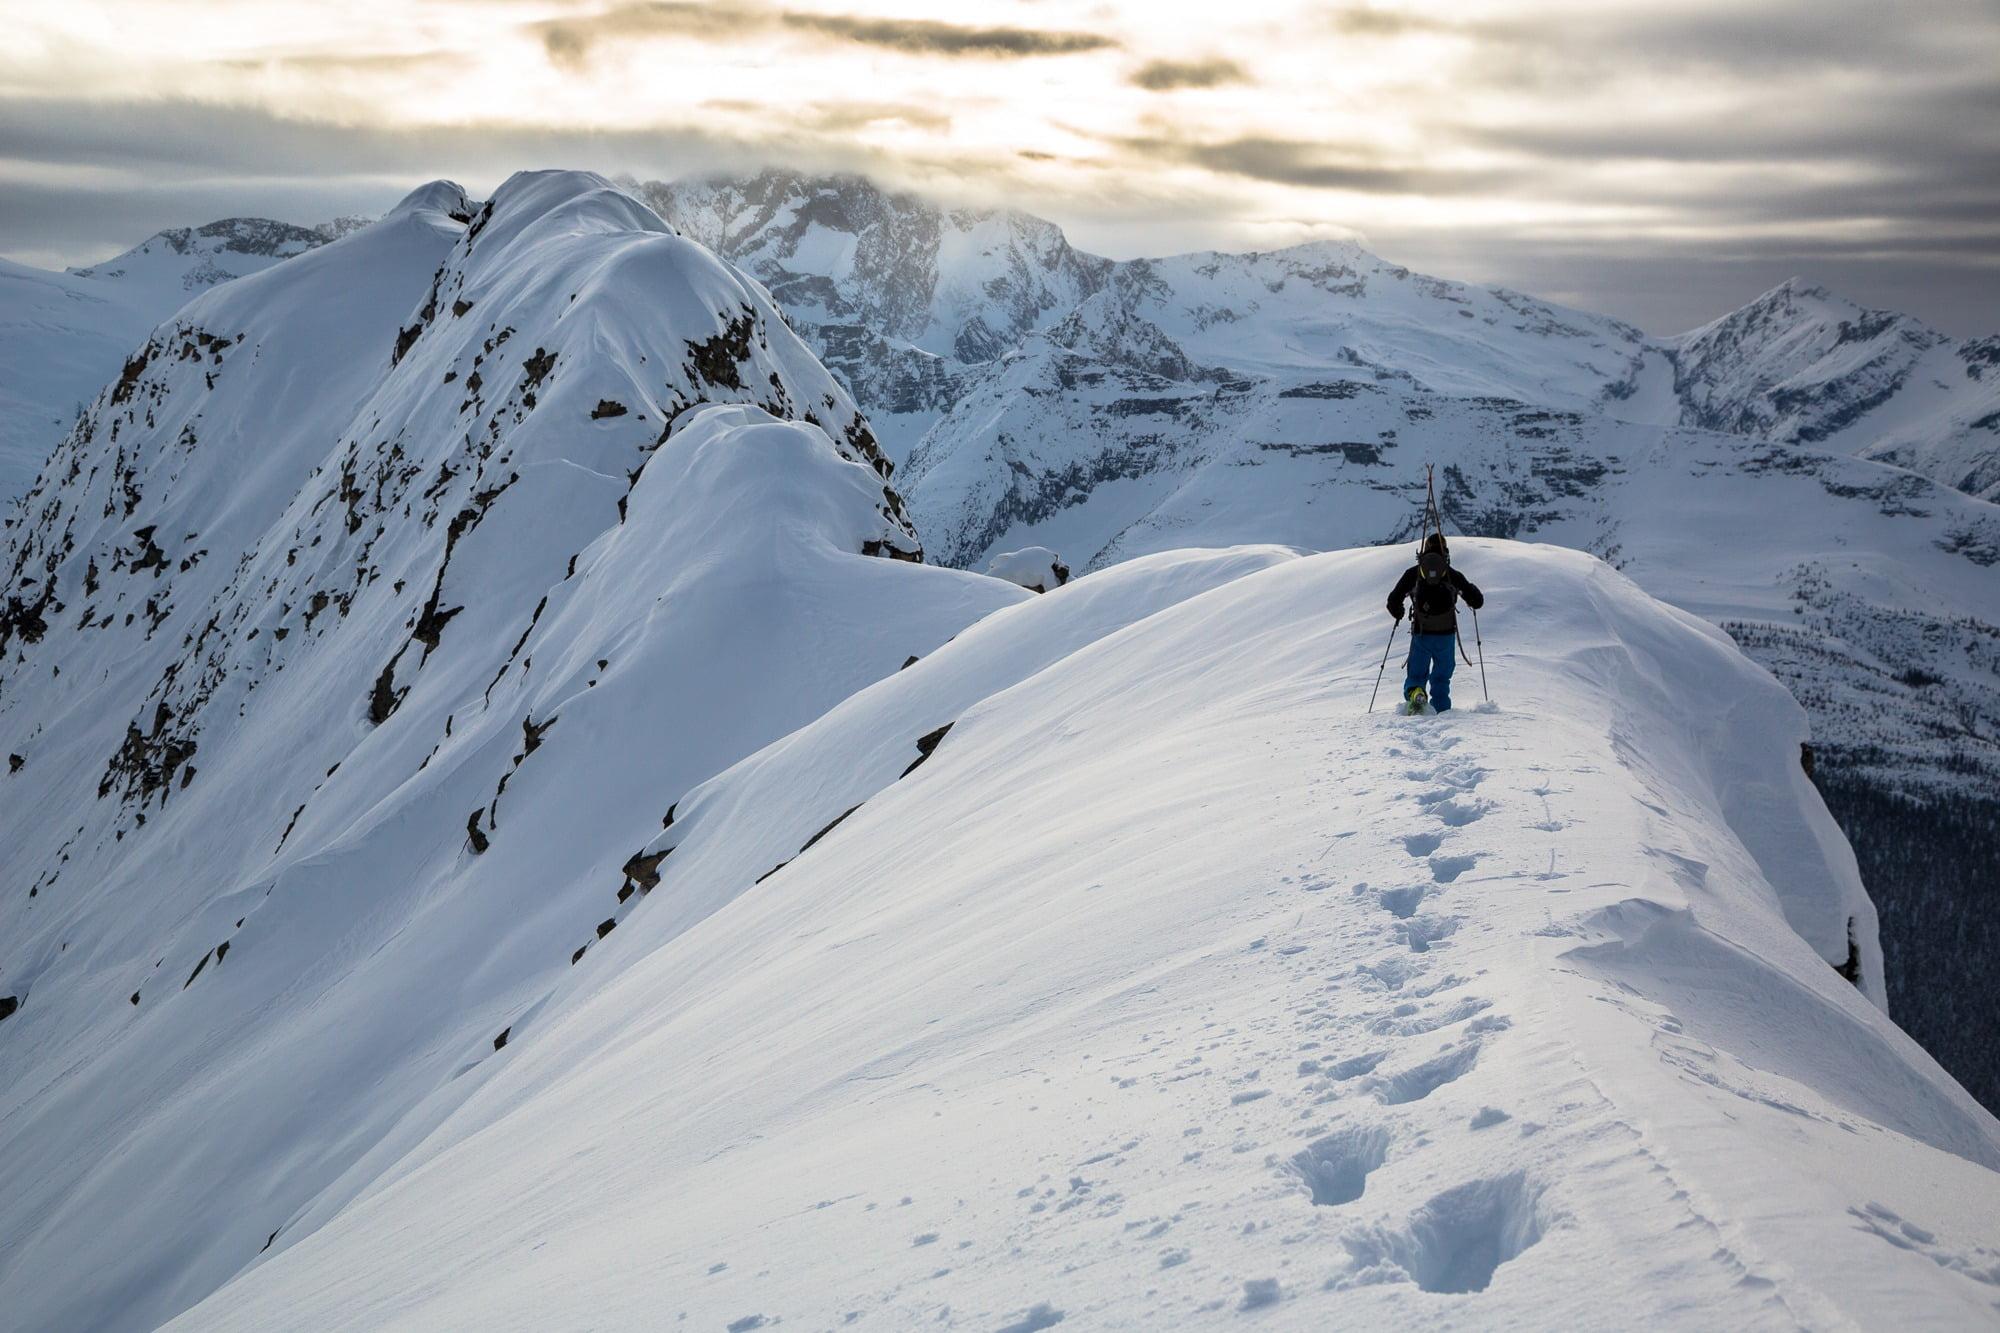 Revelstoke British Columbia